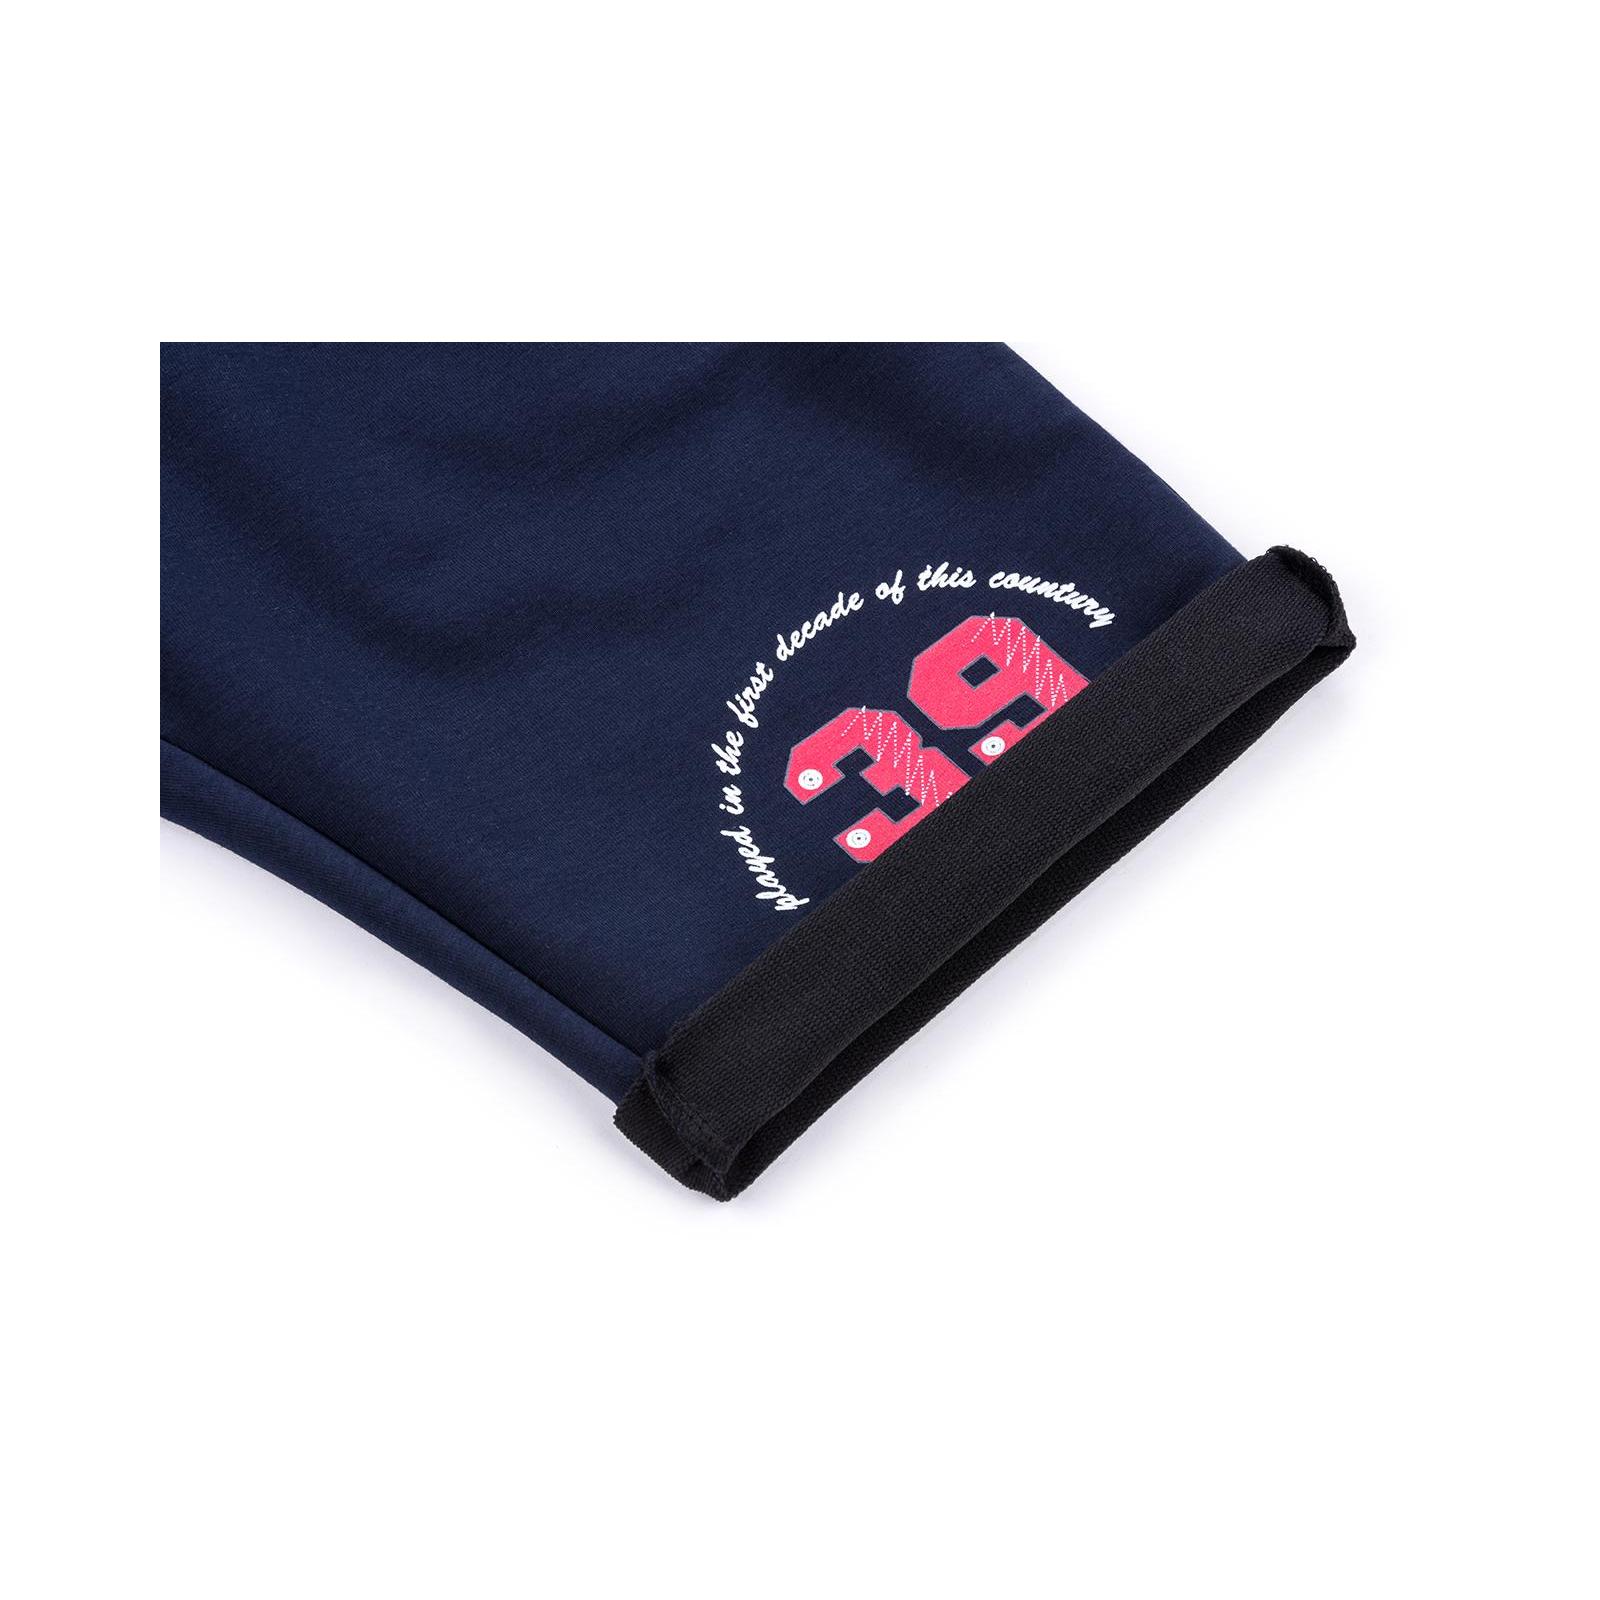 Шорты Breeze трикотажные с карманами (10755-164B-blue) изображение 4